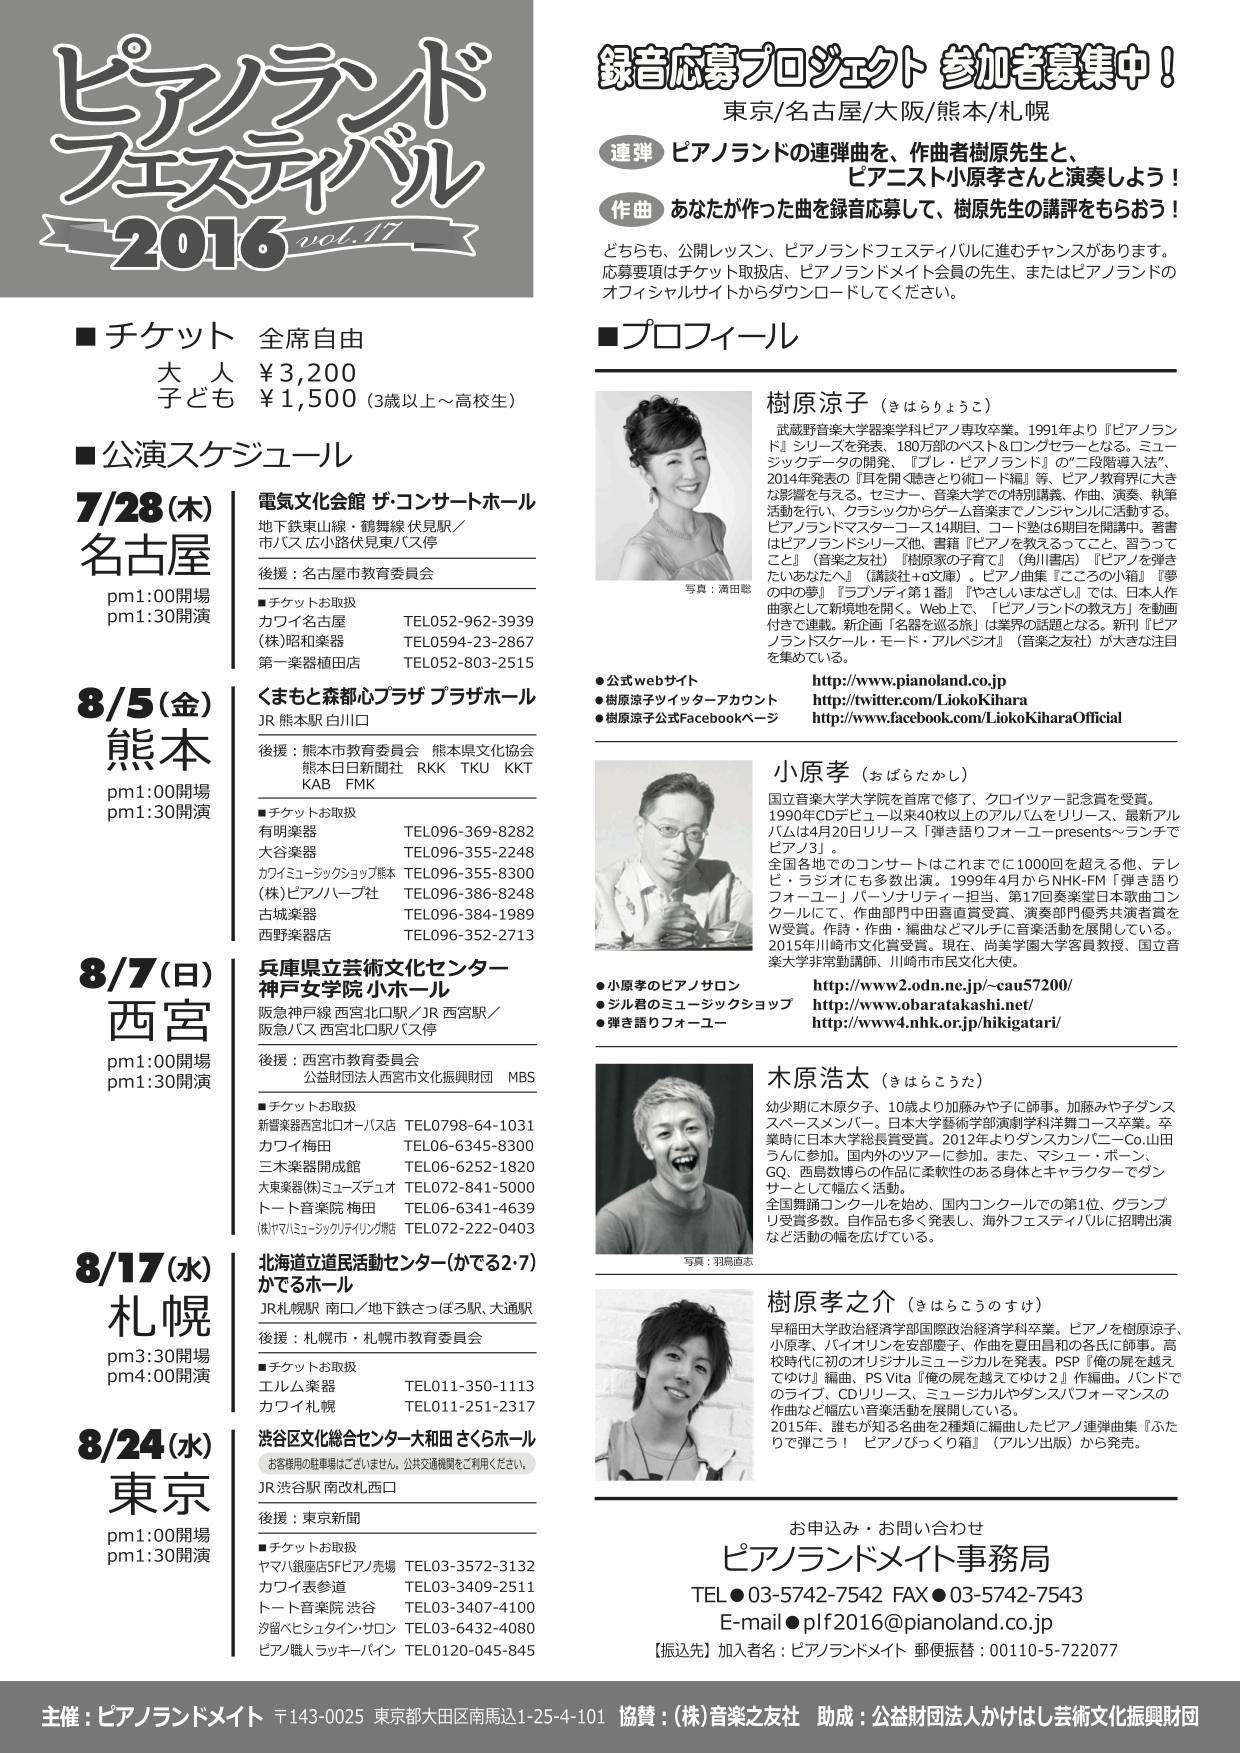 ピアノランドフェスティバル2016(名古屋)